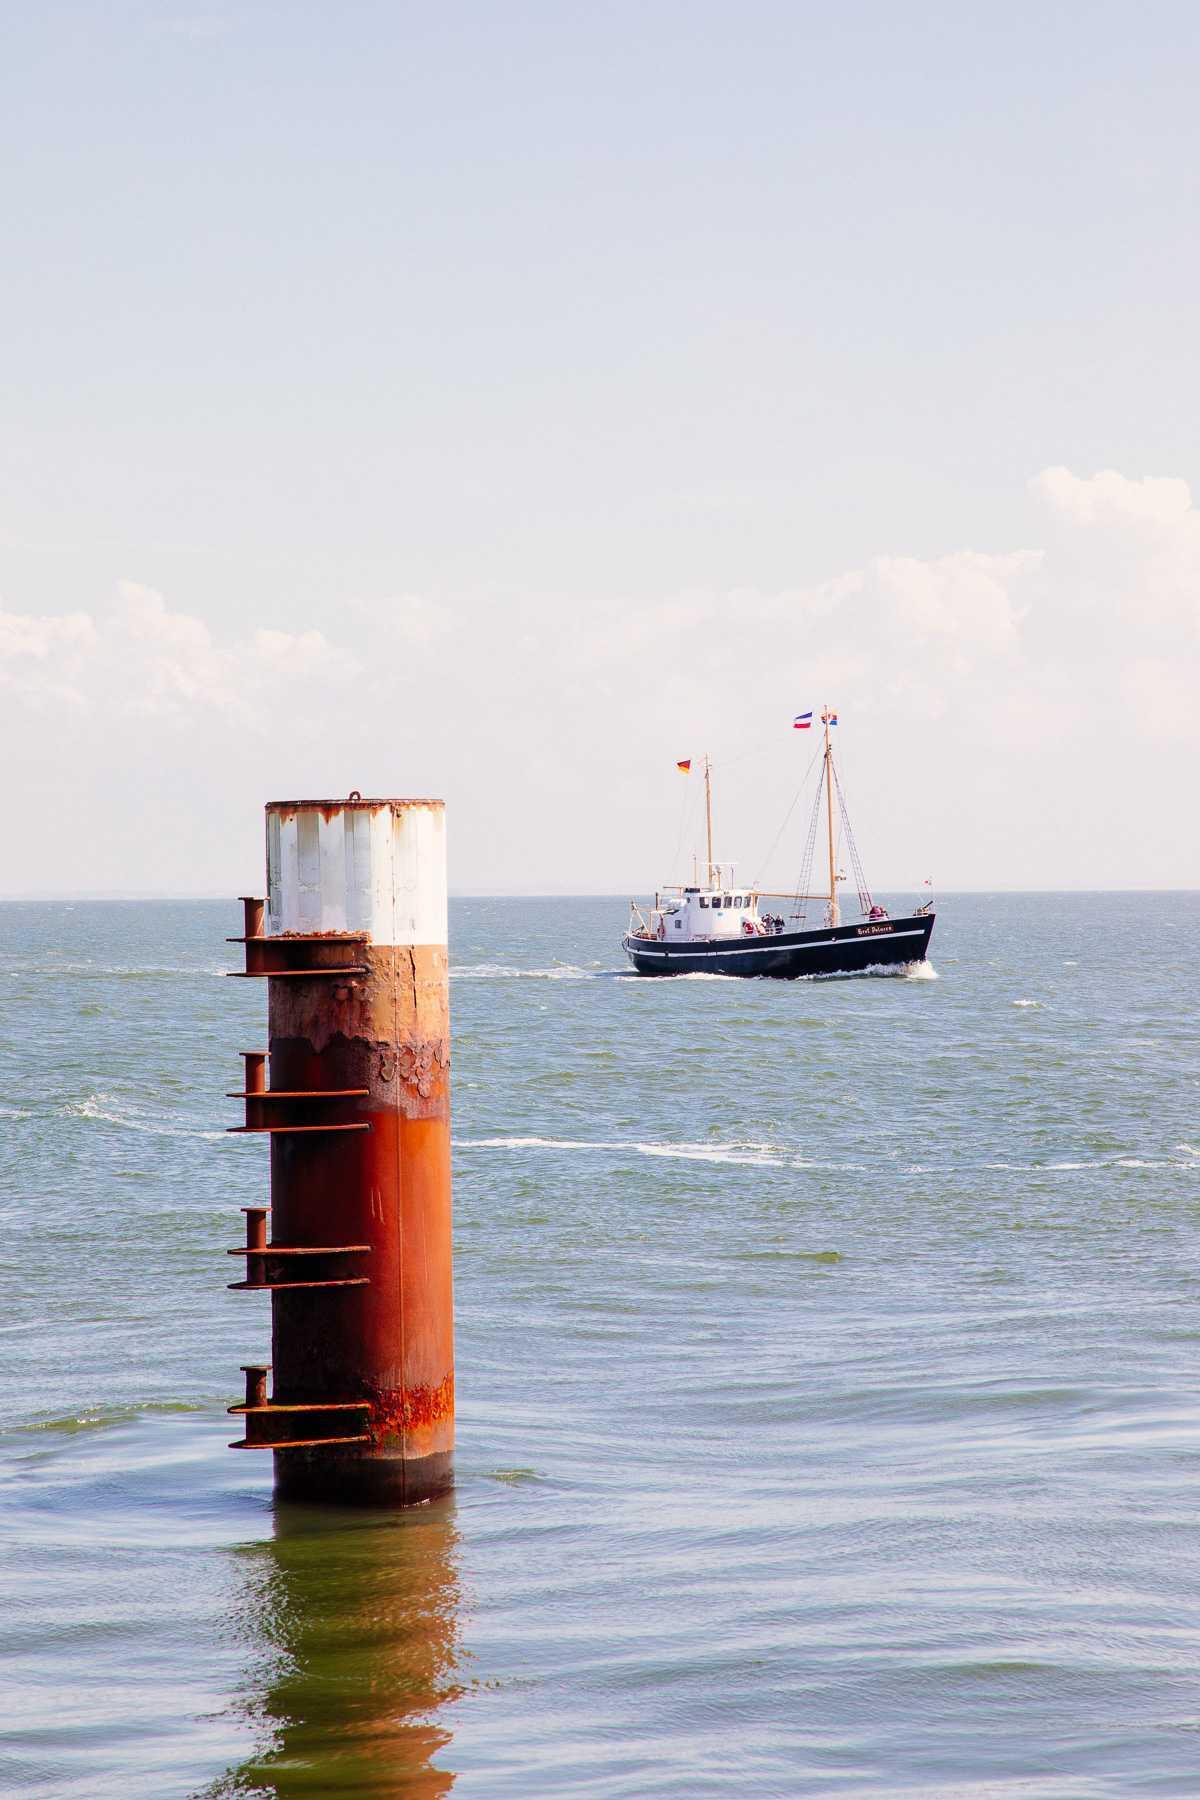 Lister Hafen Sylt Nordsee